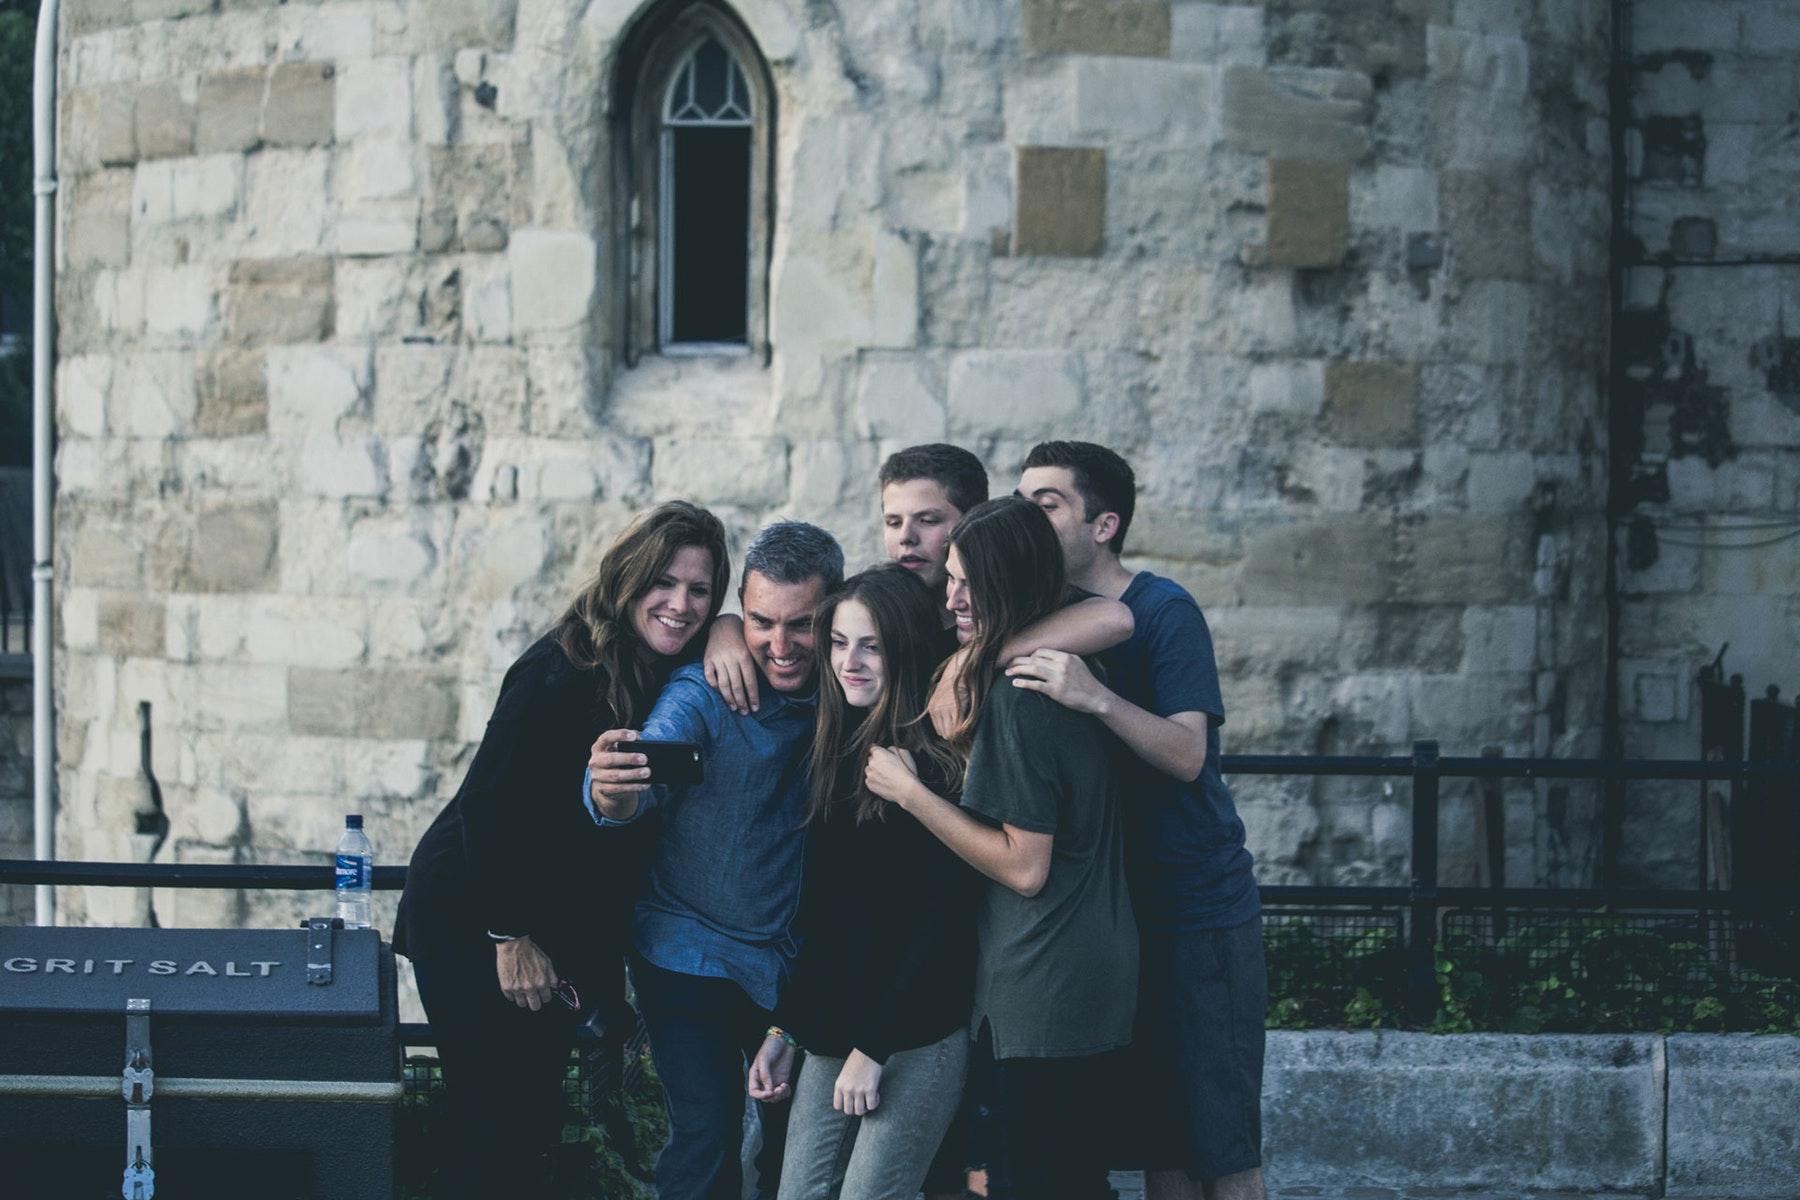 kidulting, venskab, fællesskab, venner, trend, trends, barndom, barnlig, nostalgi